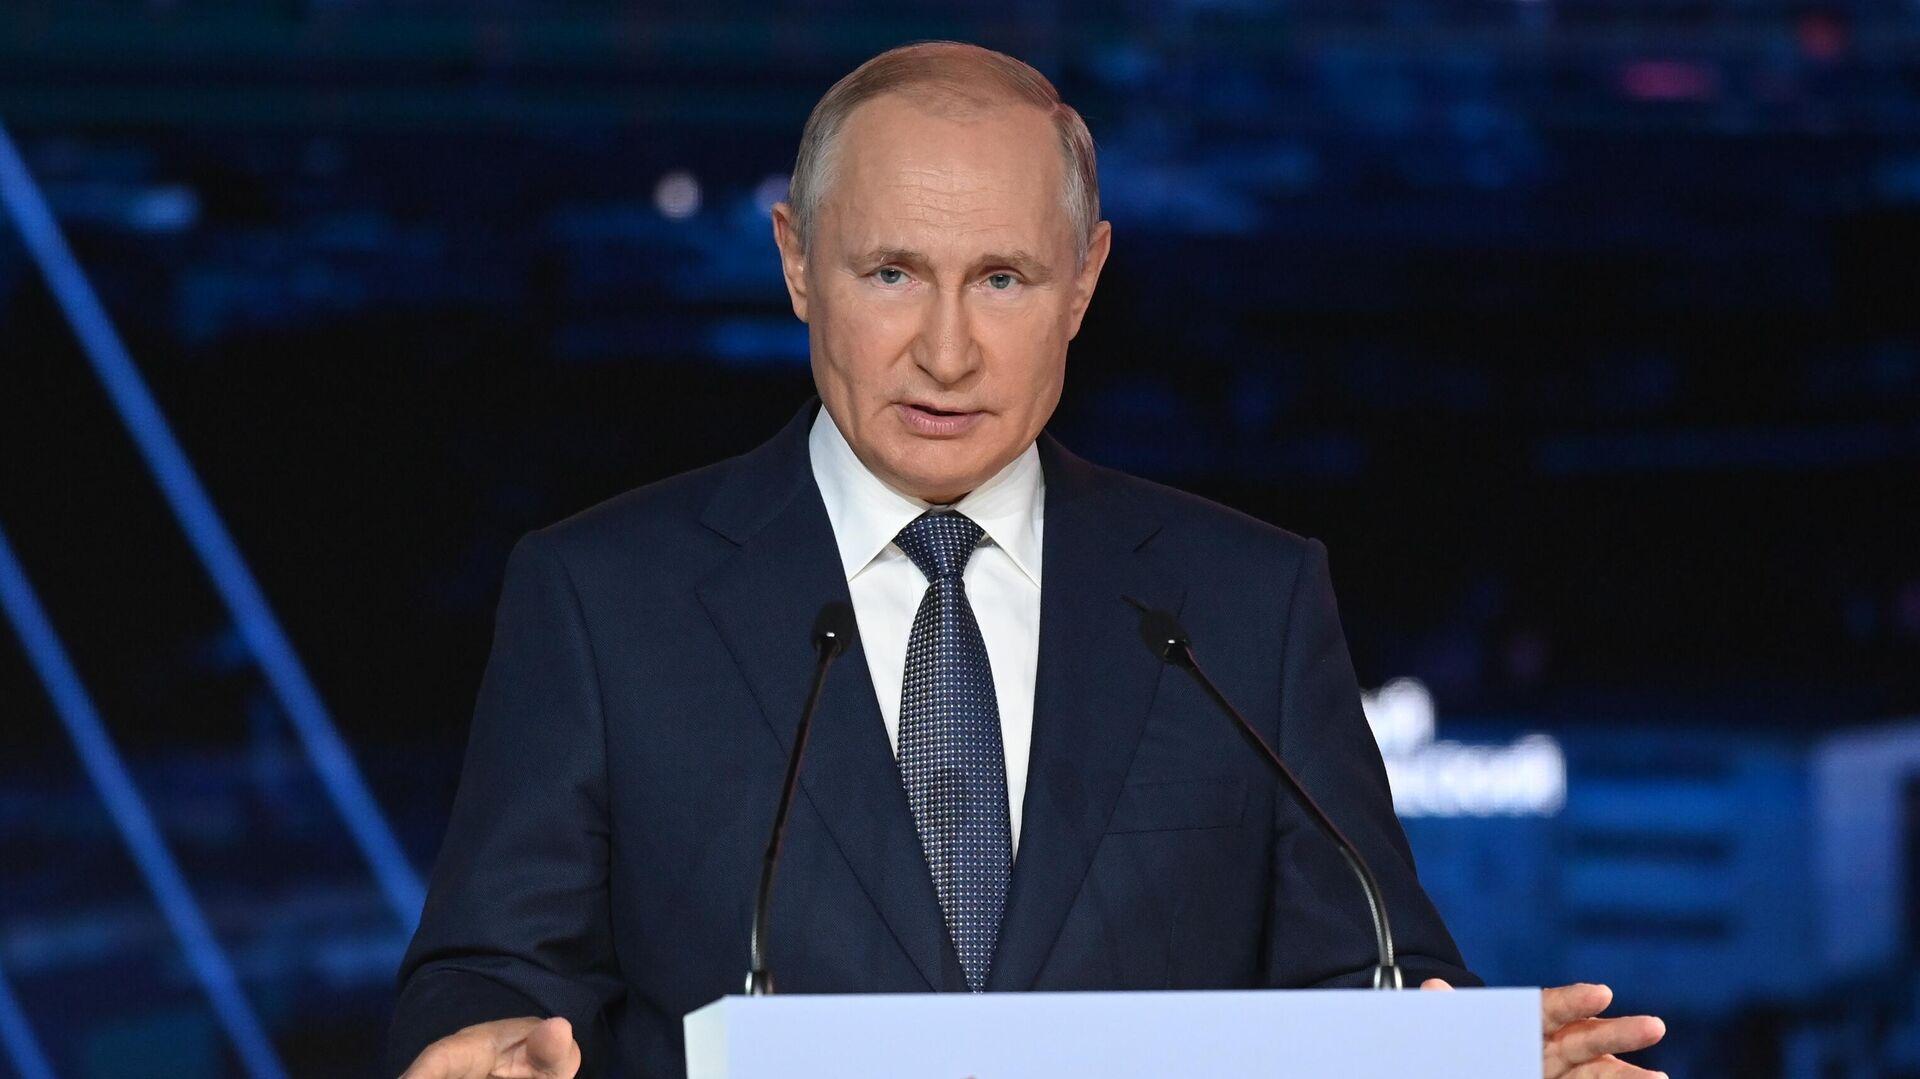 Президент РФ Владимир Путин выступает на пленарном заседании в рамках Восточного экономического форума во Владивостоке - РИА Новости, 1920, 03.09.2021